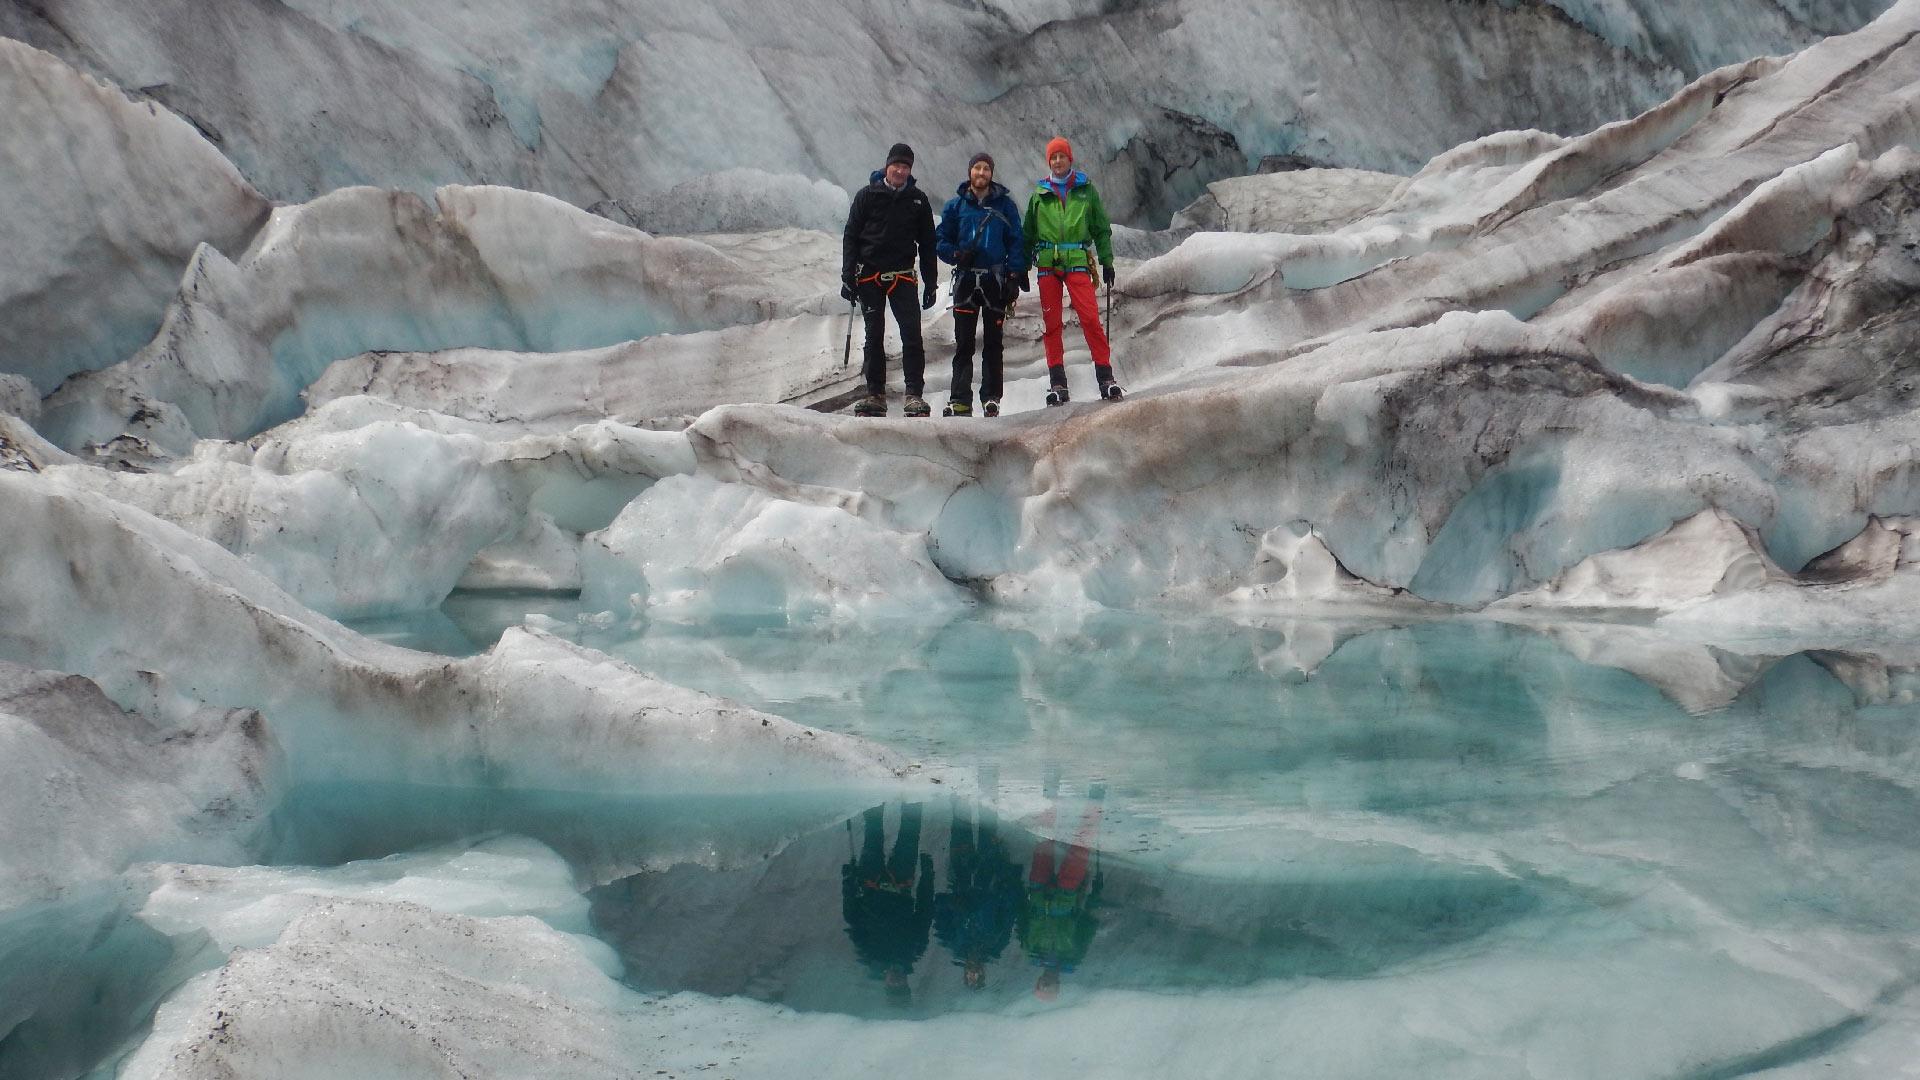 grindelwald-sports-gletscher-trekking-gletschersee